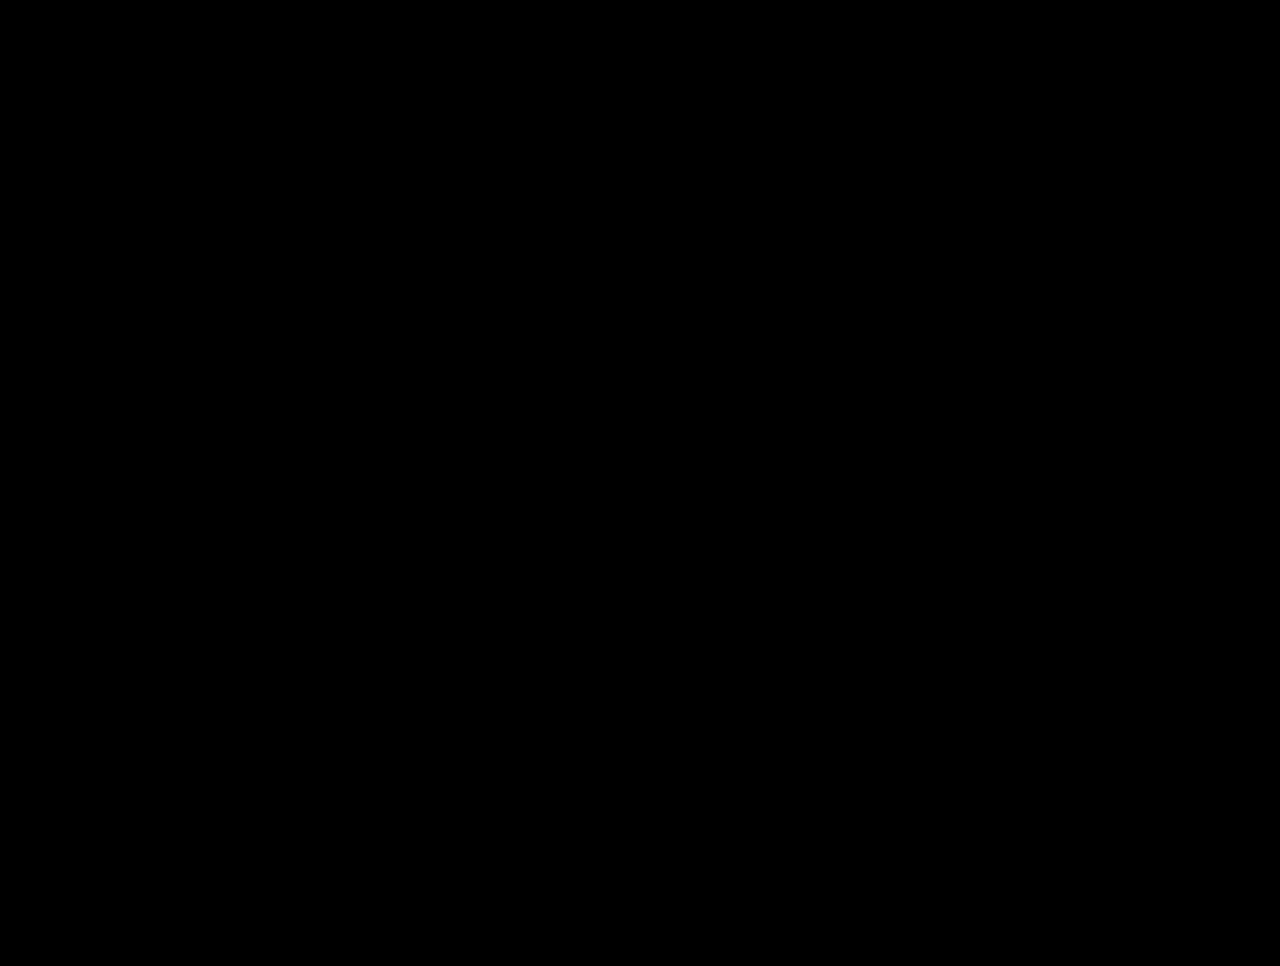 Zebra - Zebra HD PNG